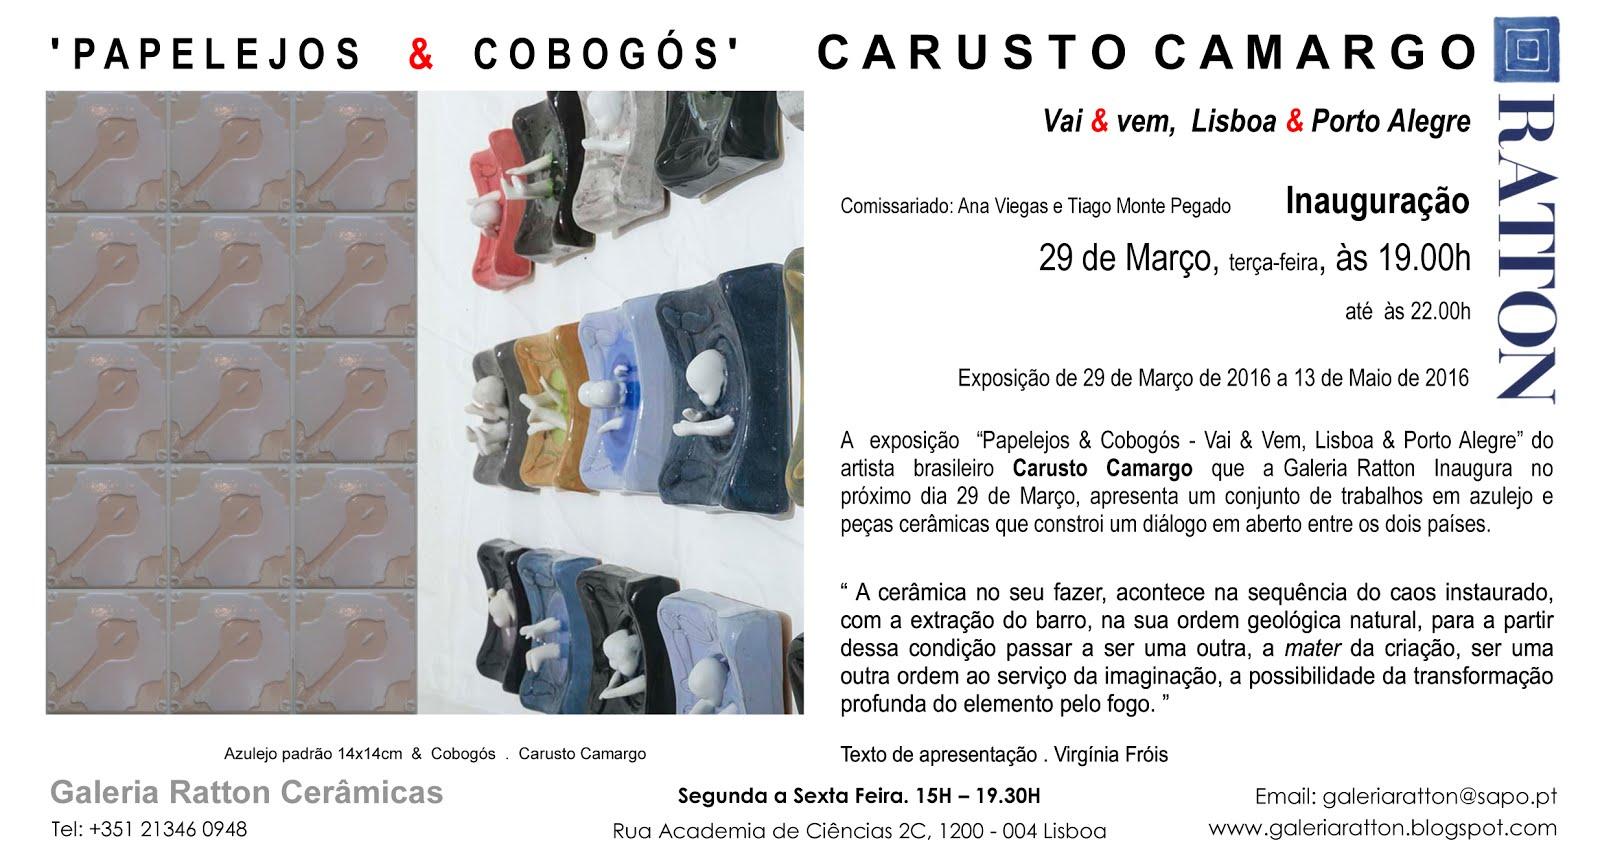 Carusto Camargo